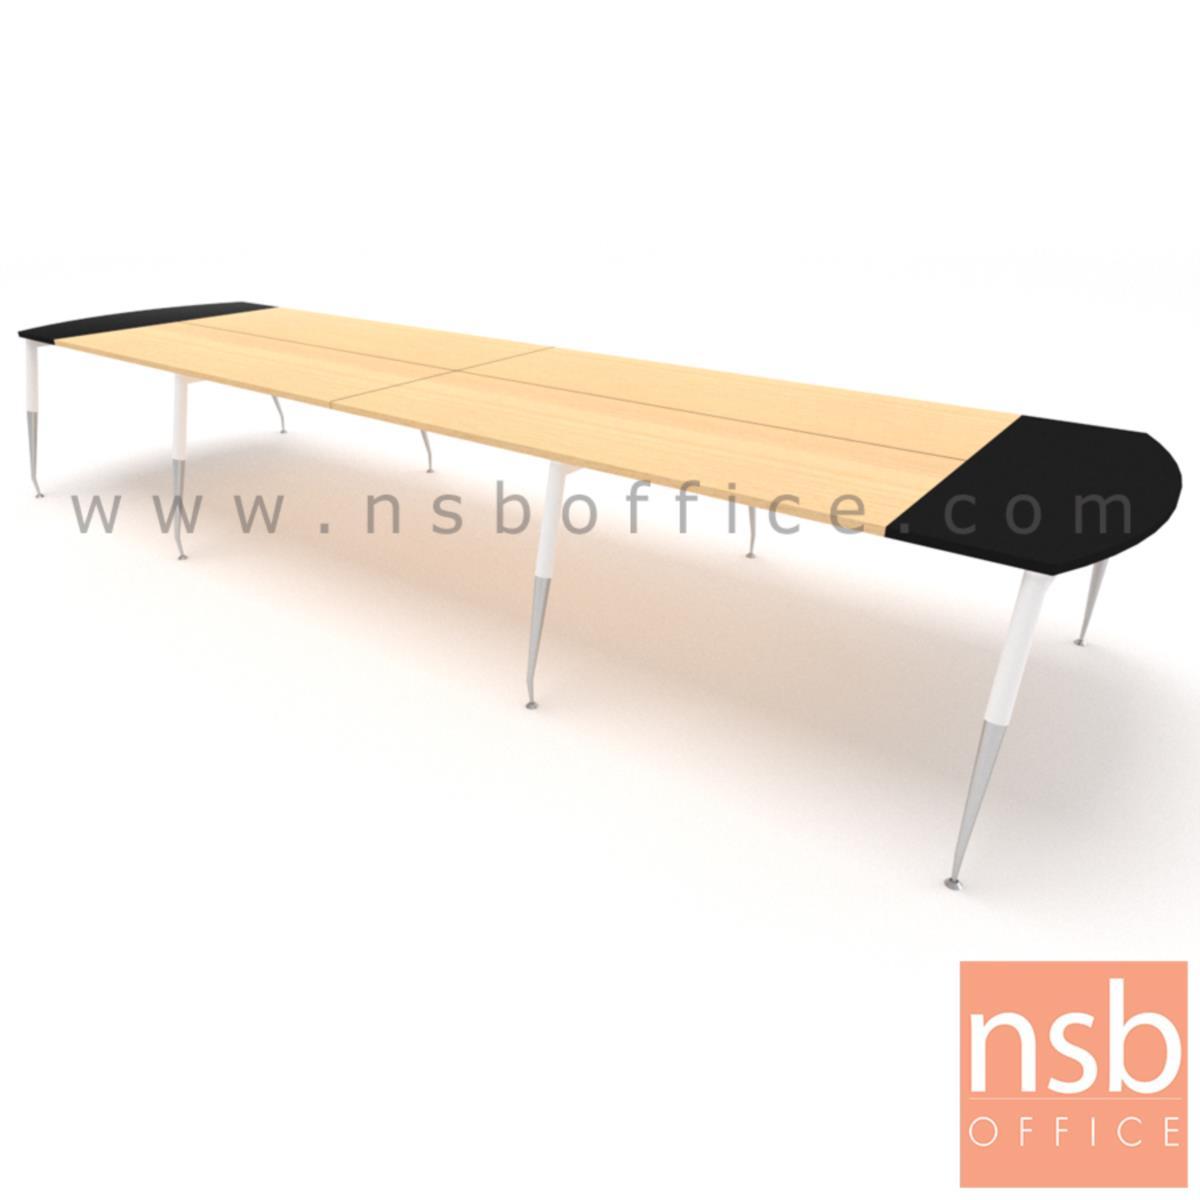 โต๊ะประชุมหัวโค้ง ขาปลายเรียว ลึก 150 cm.